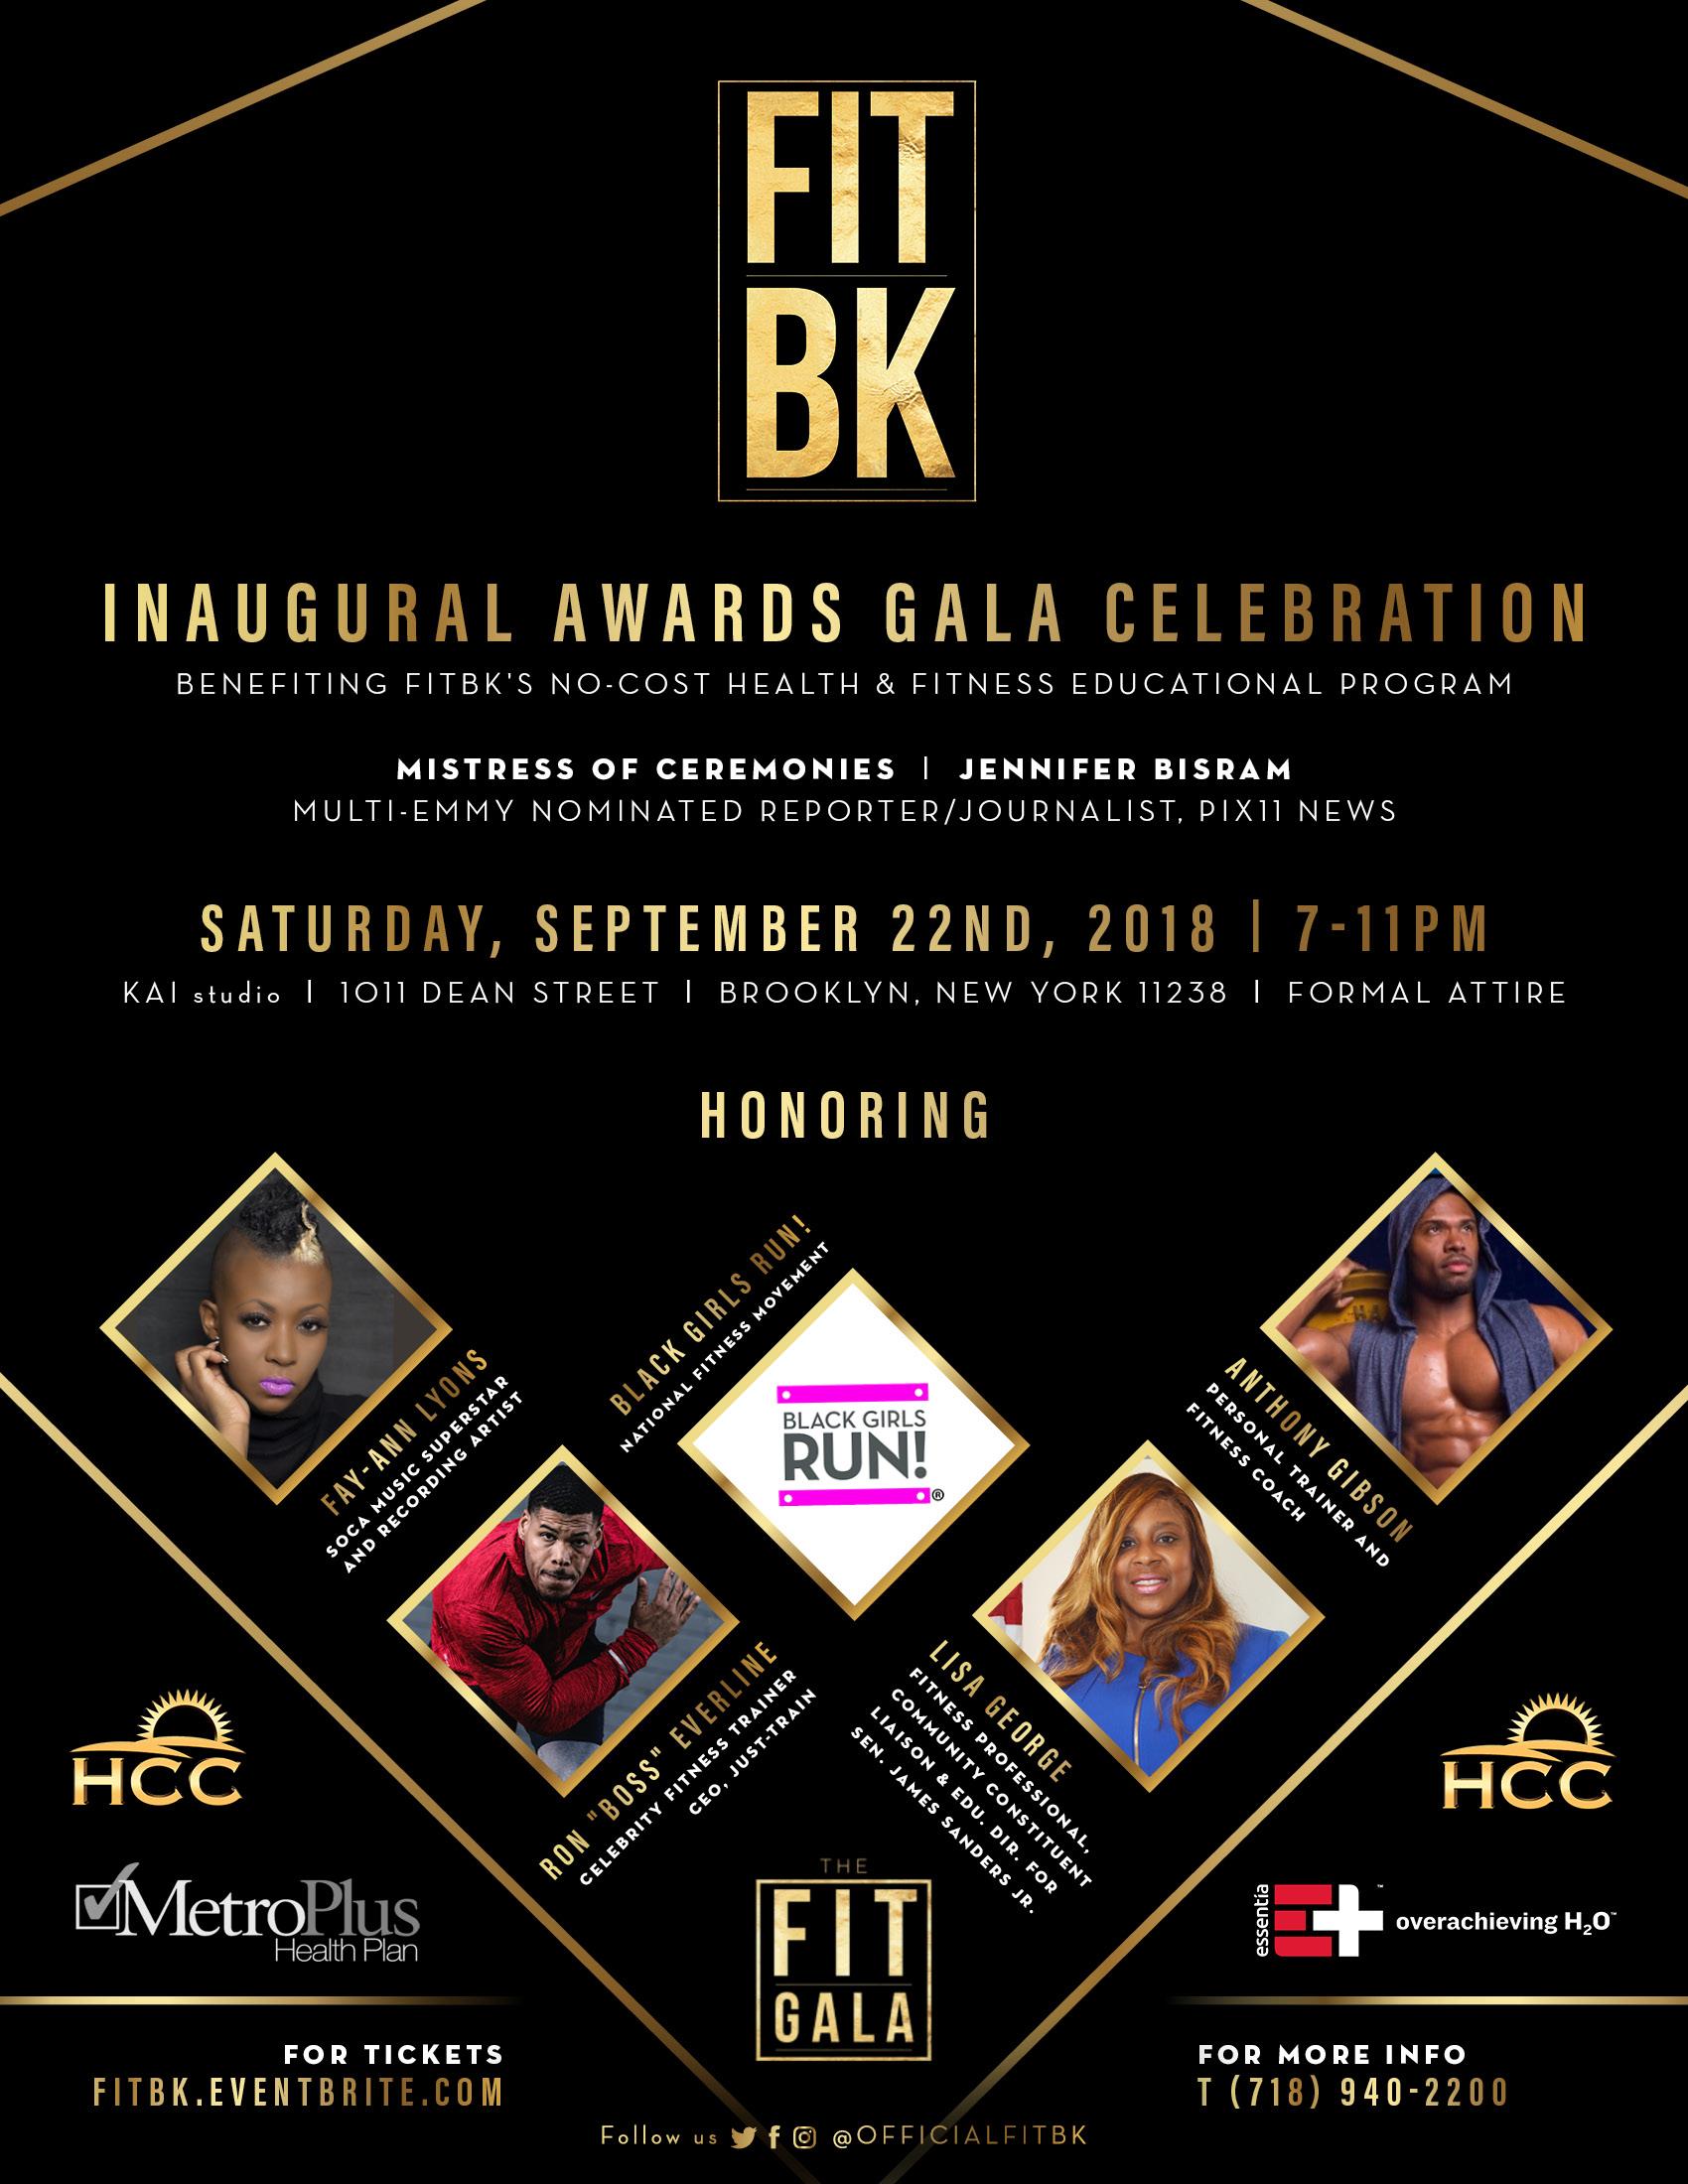 Episode #121 FITBK Inaugural Awards Gala Celebration